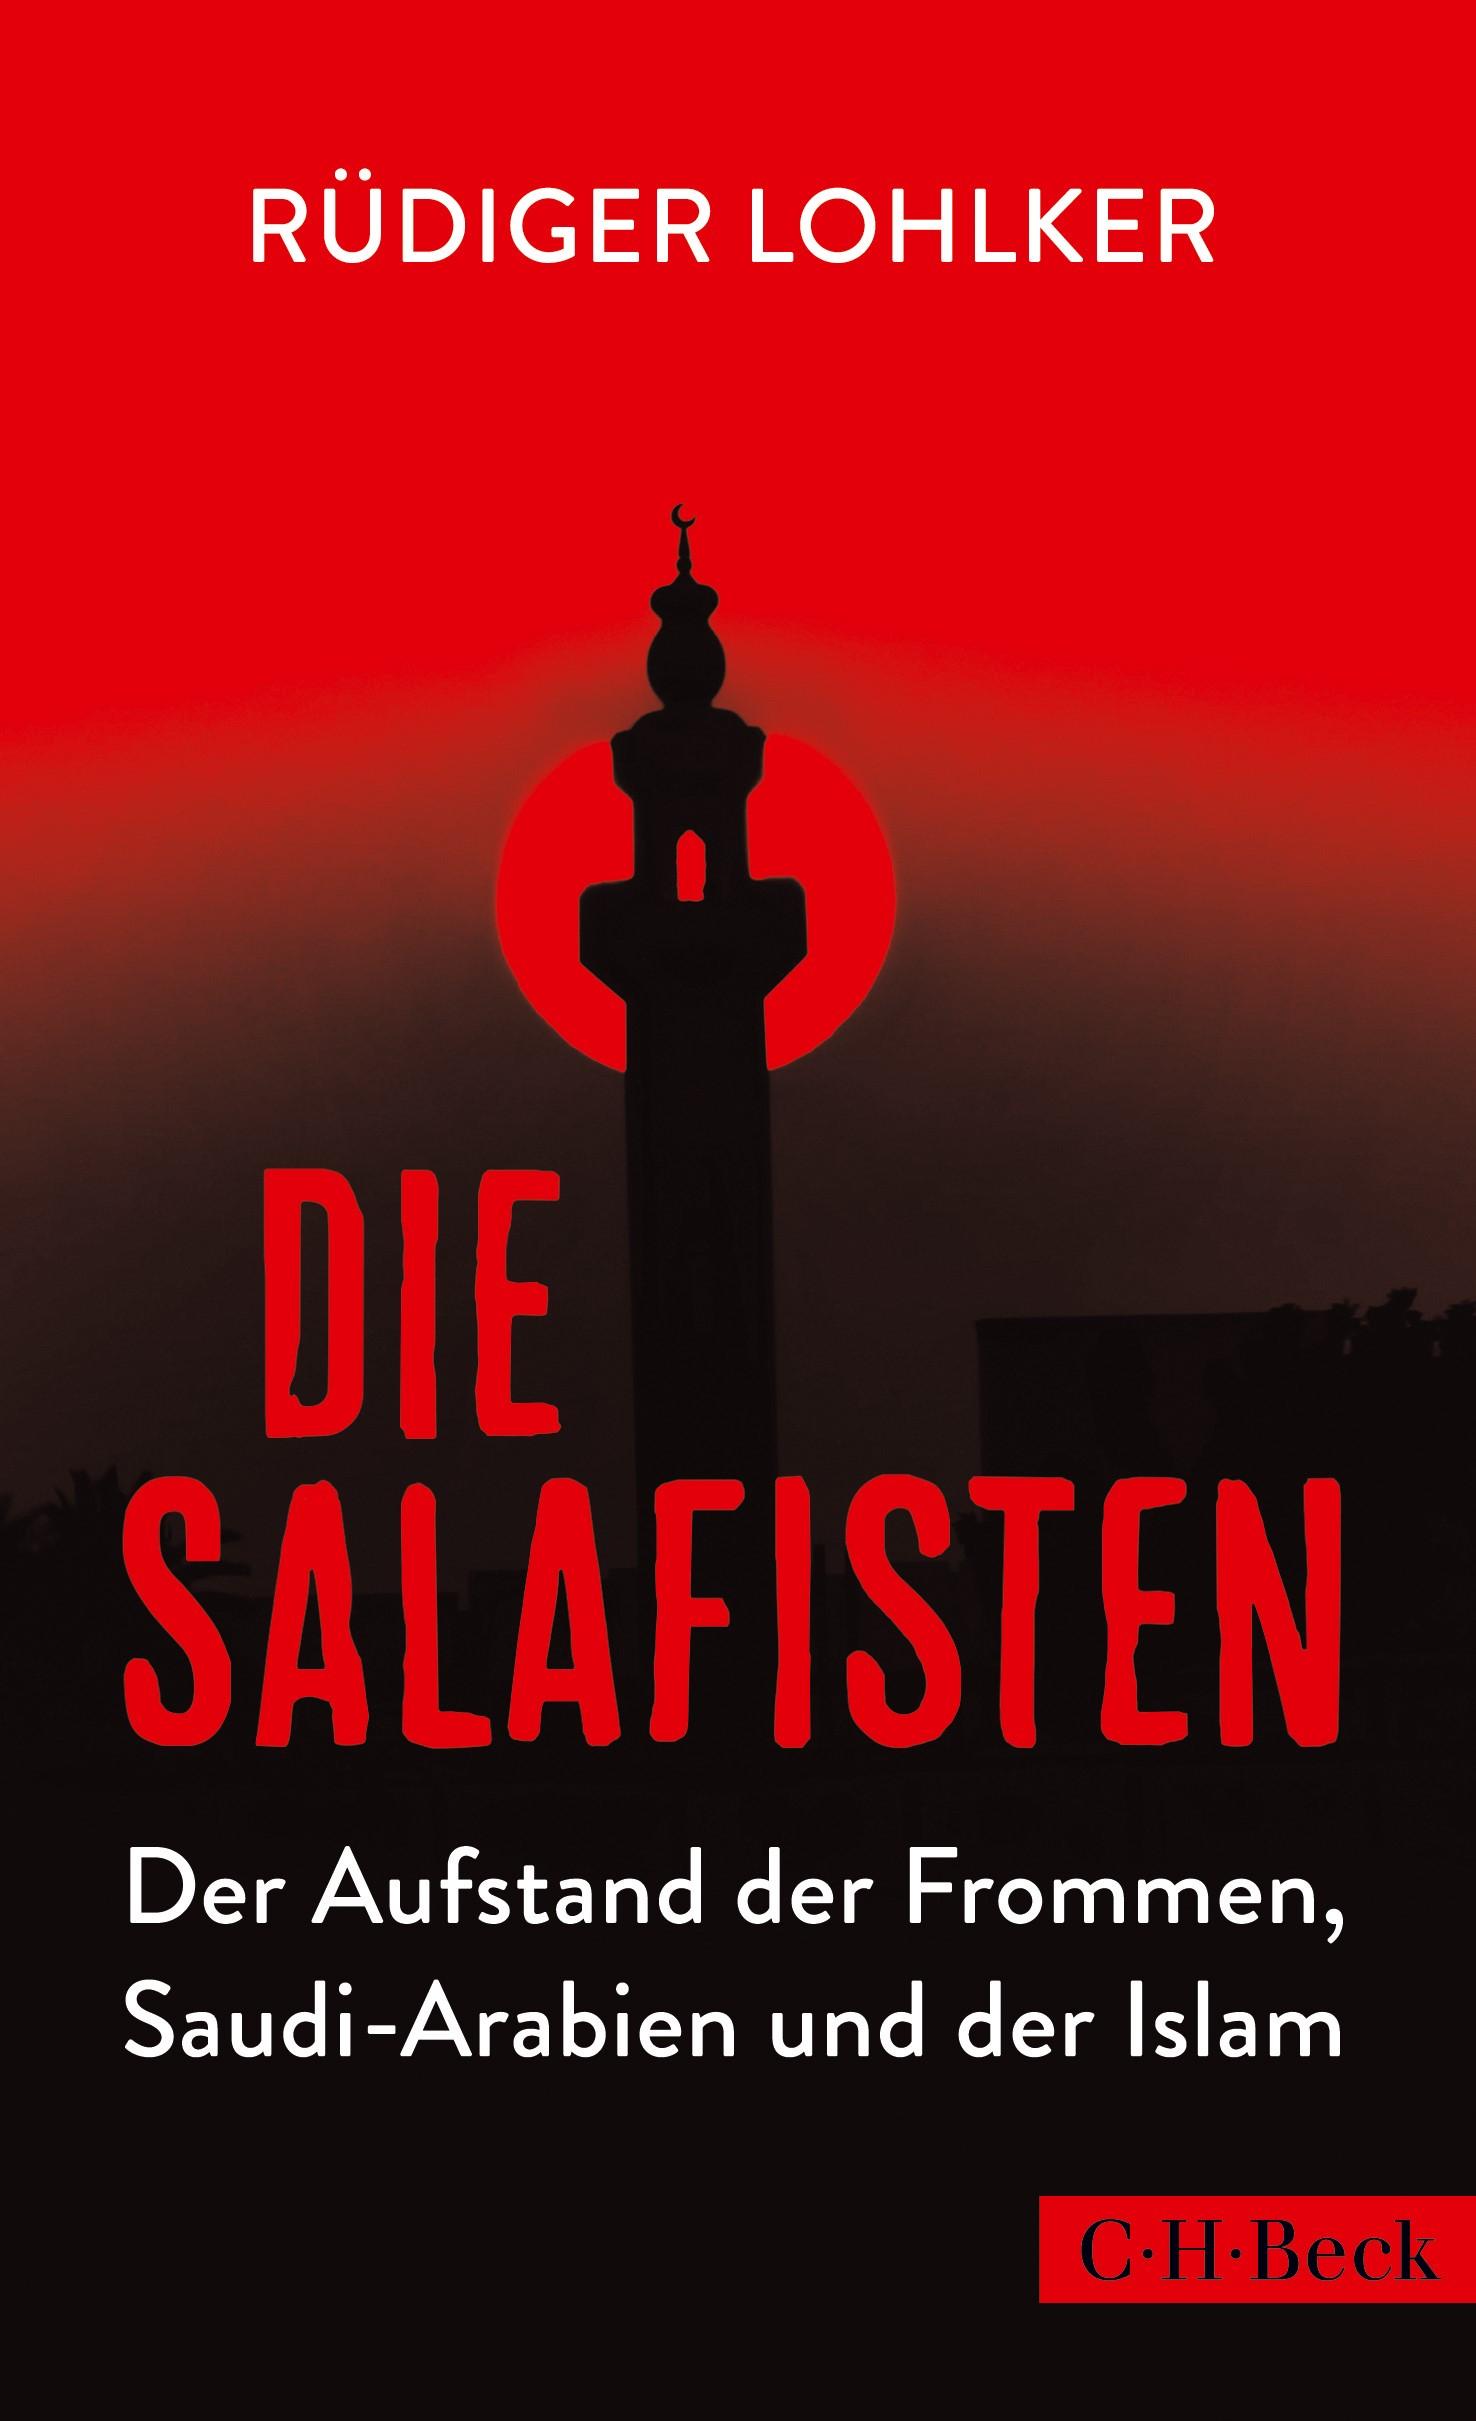 Cover des Buches 'Die Salafisten'